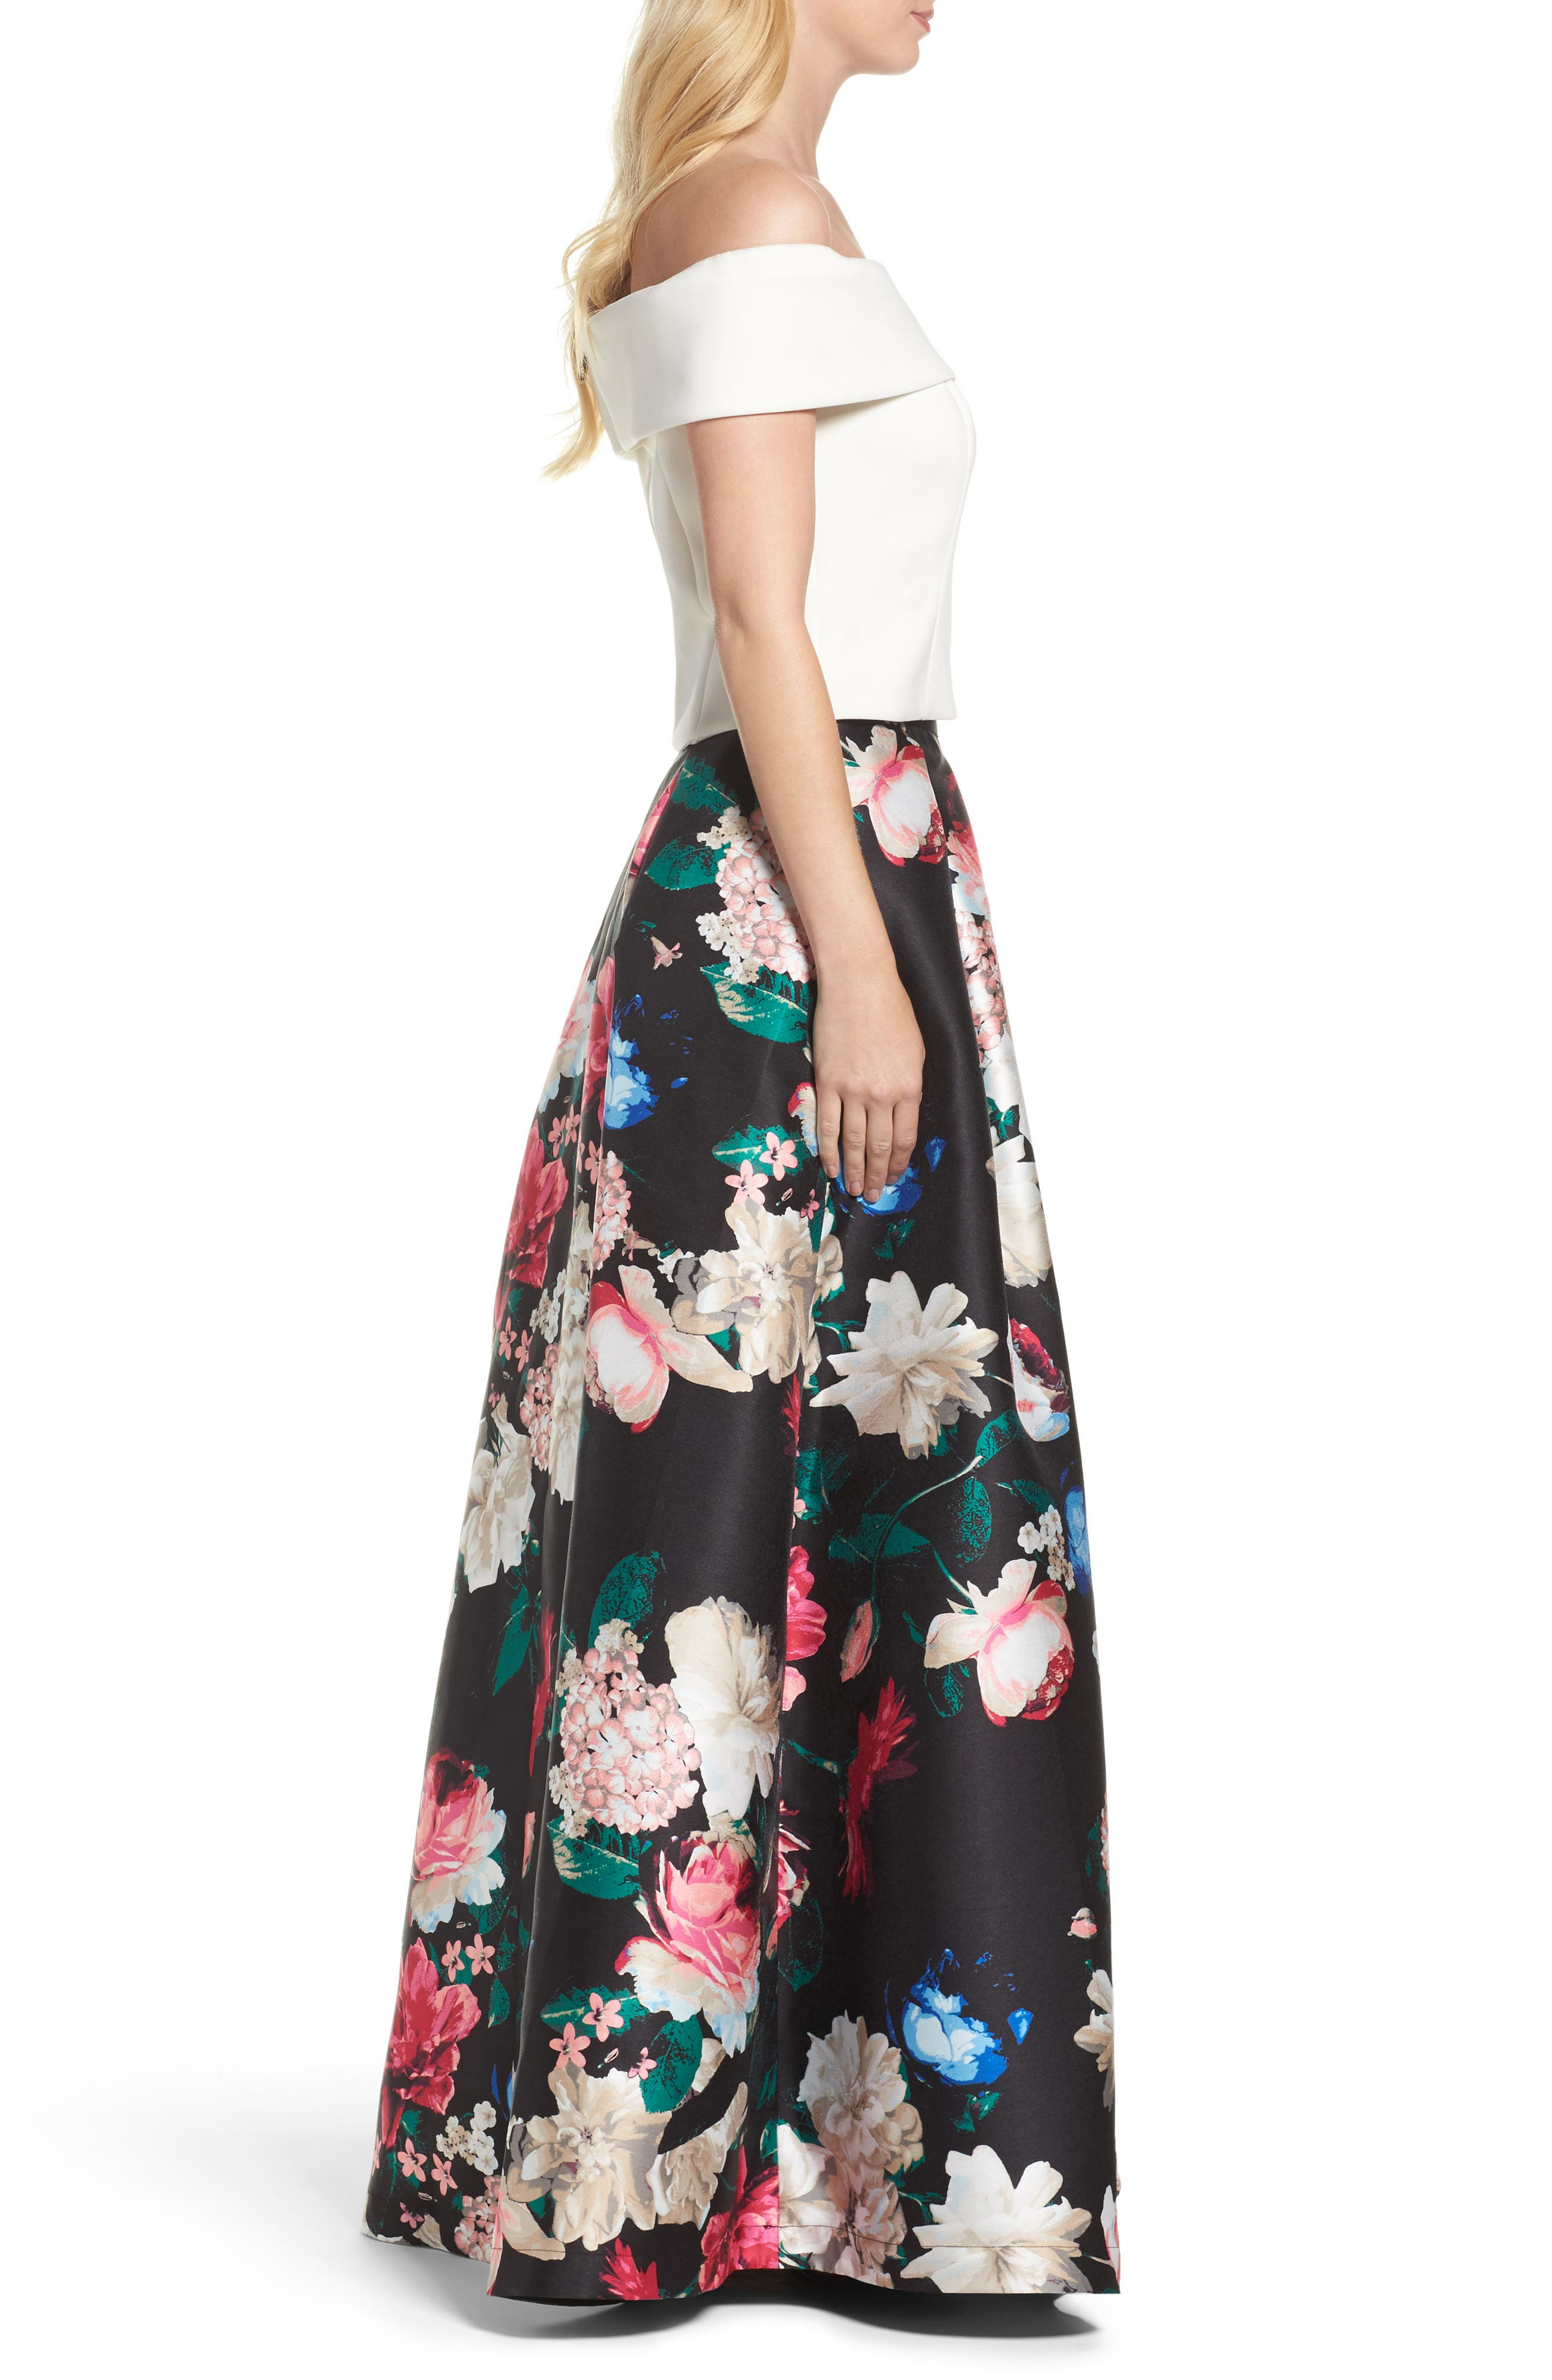 Faille Ball Skirt,                             Alternate thumbnail 5, color,                             Black/ Pink